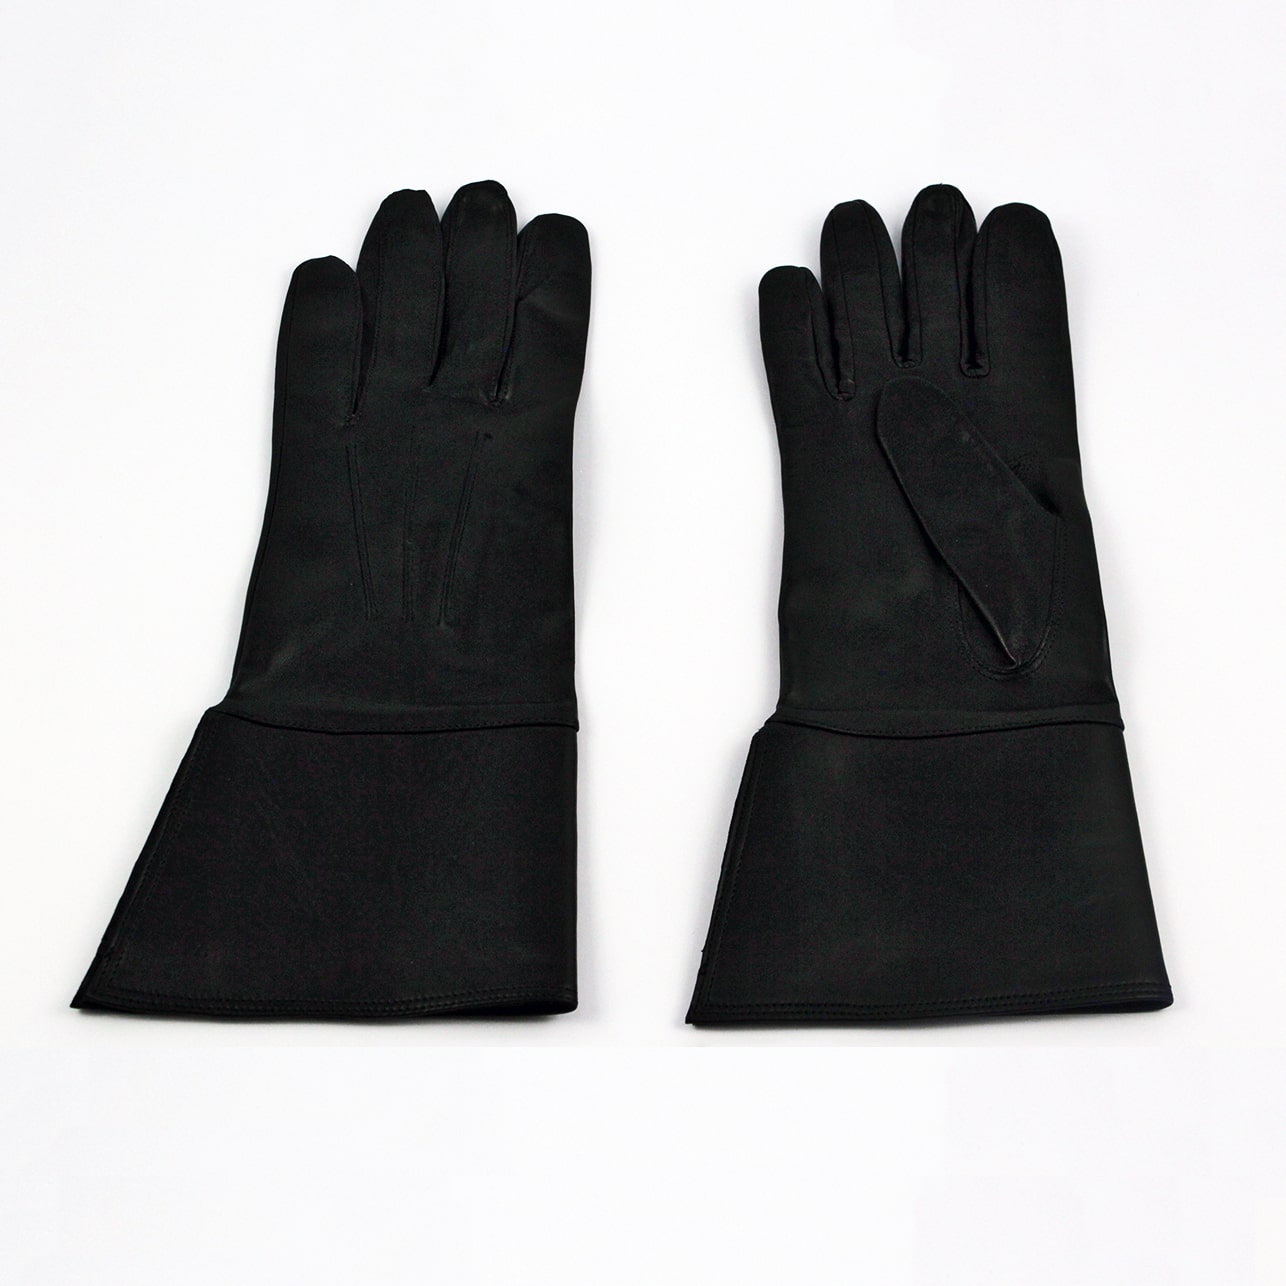 Parade Gloves black